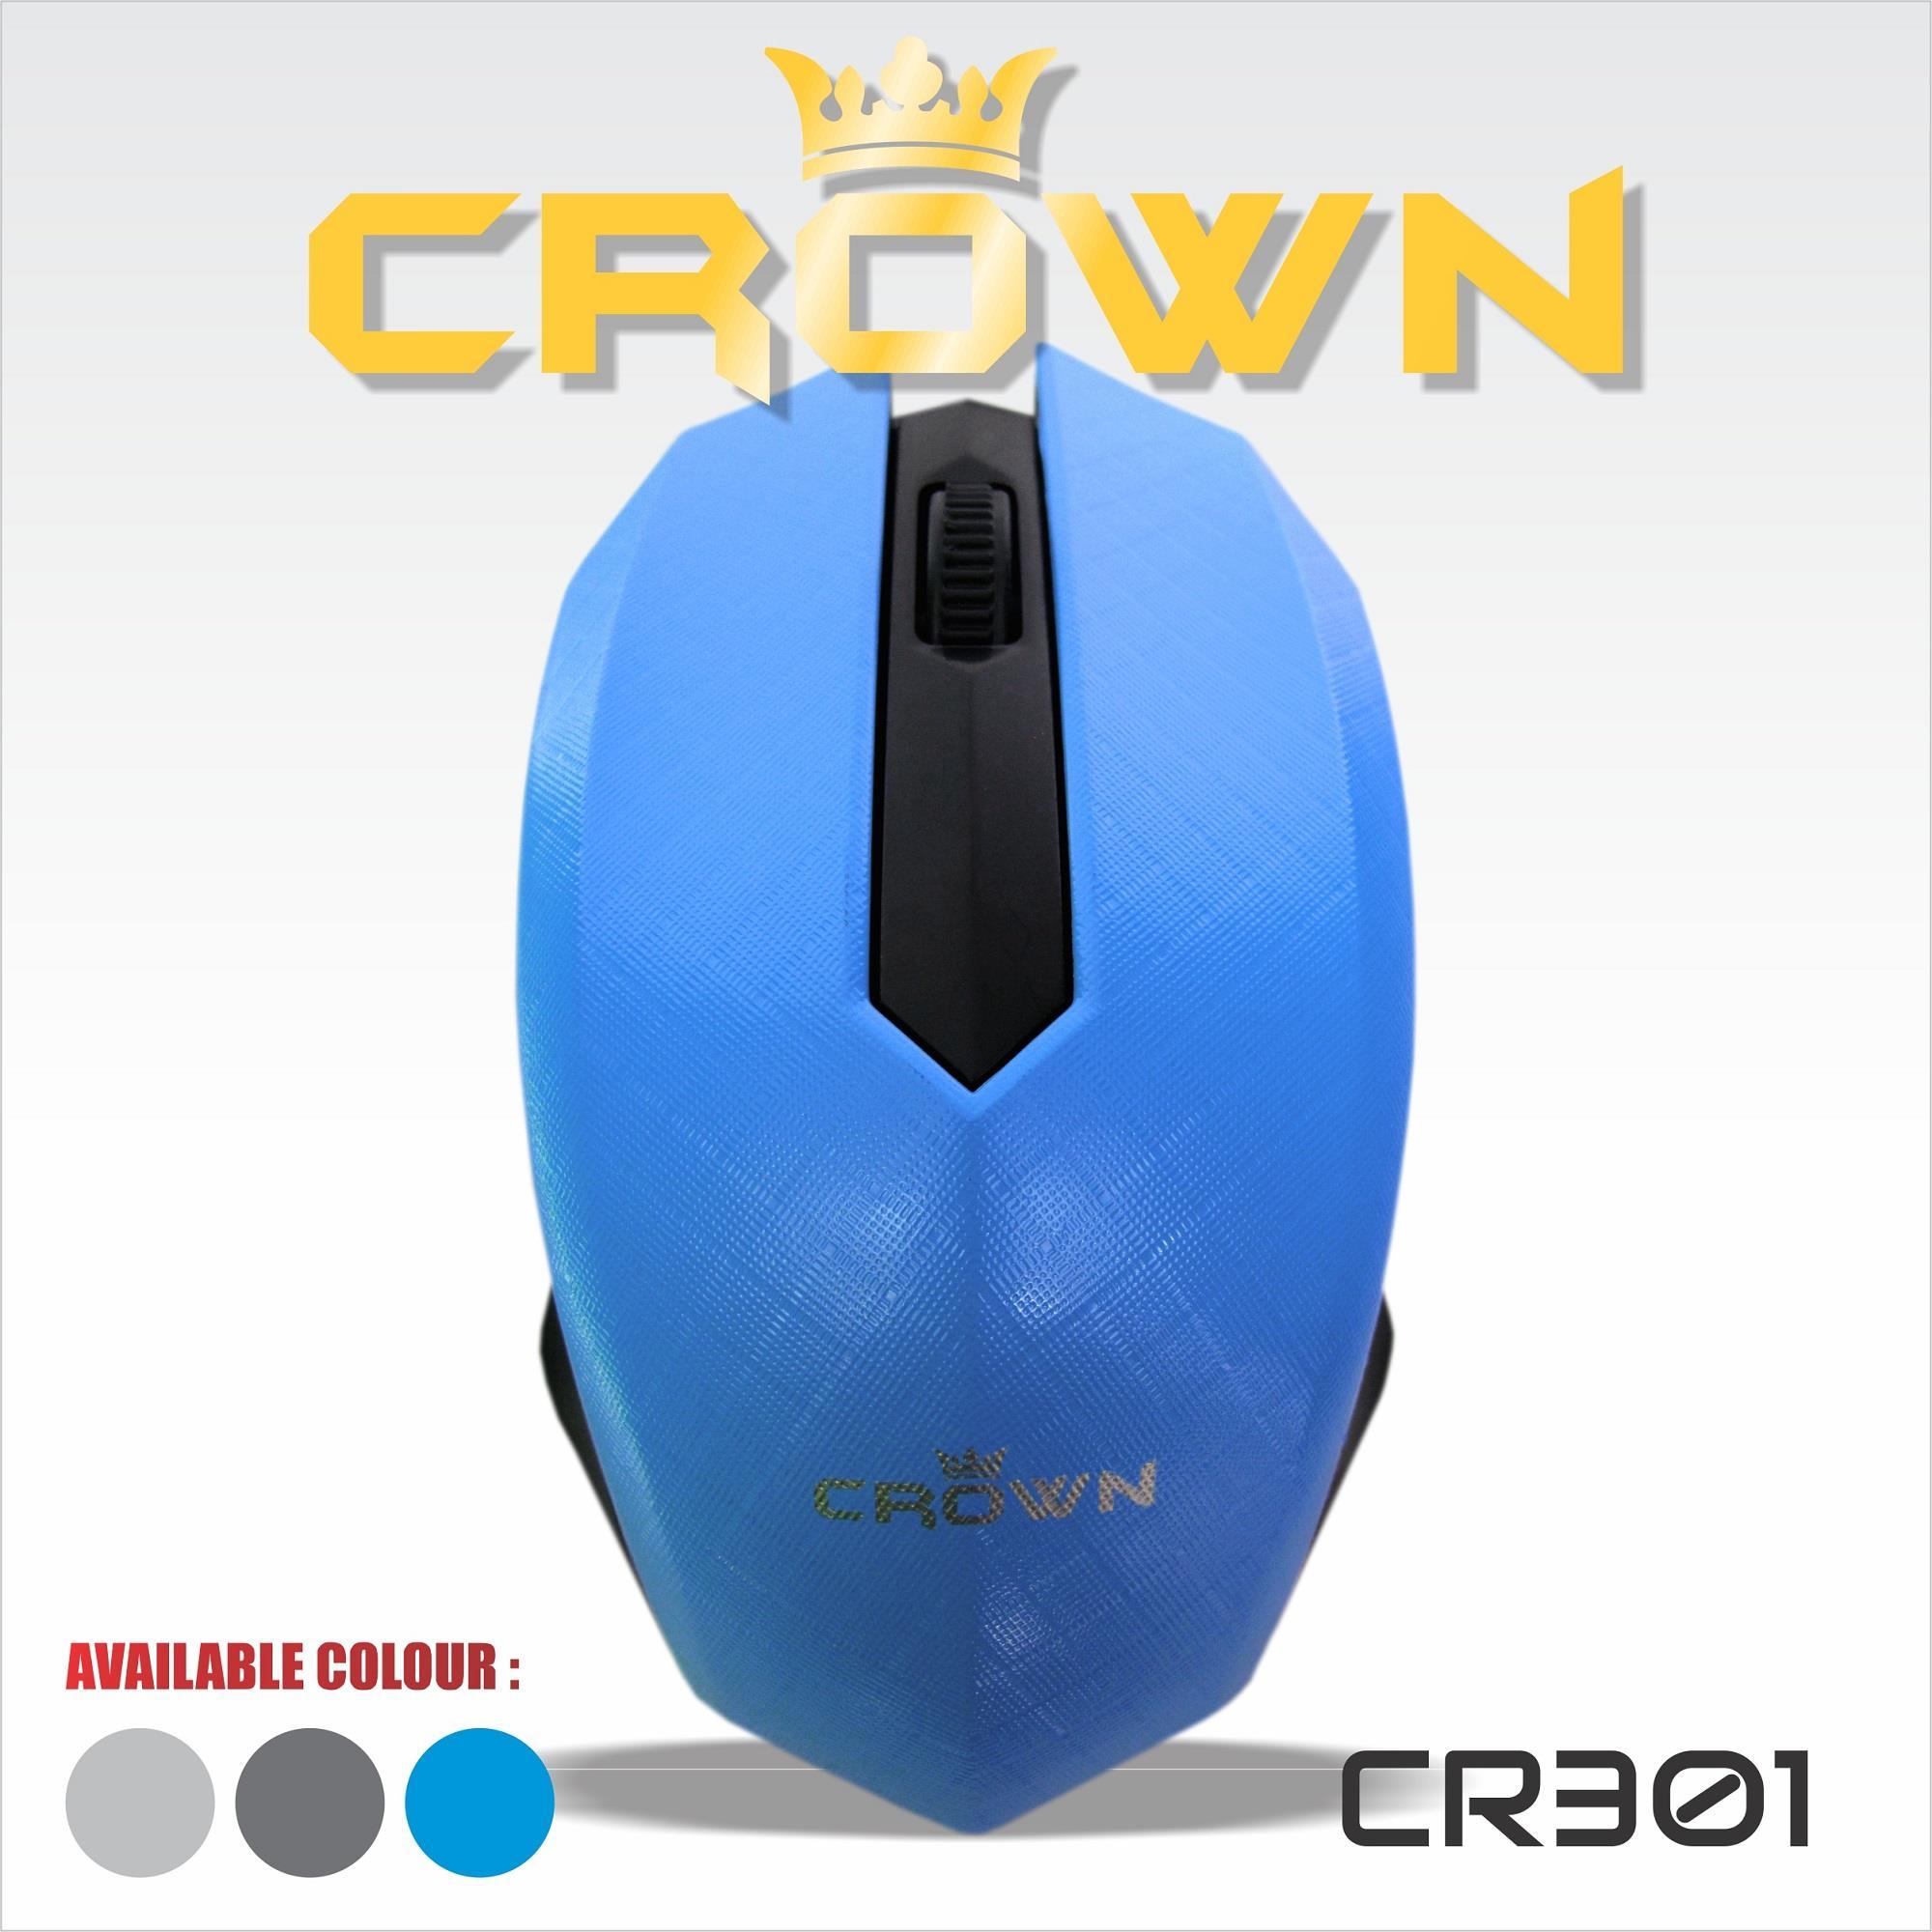 Jual Mouse Komputer Laptop Crown 301 Harga Murah